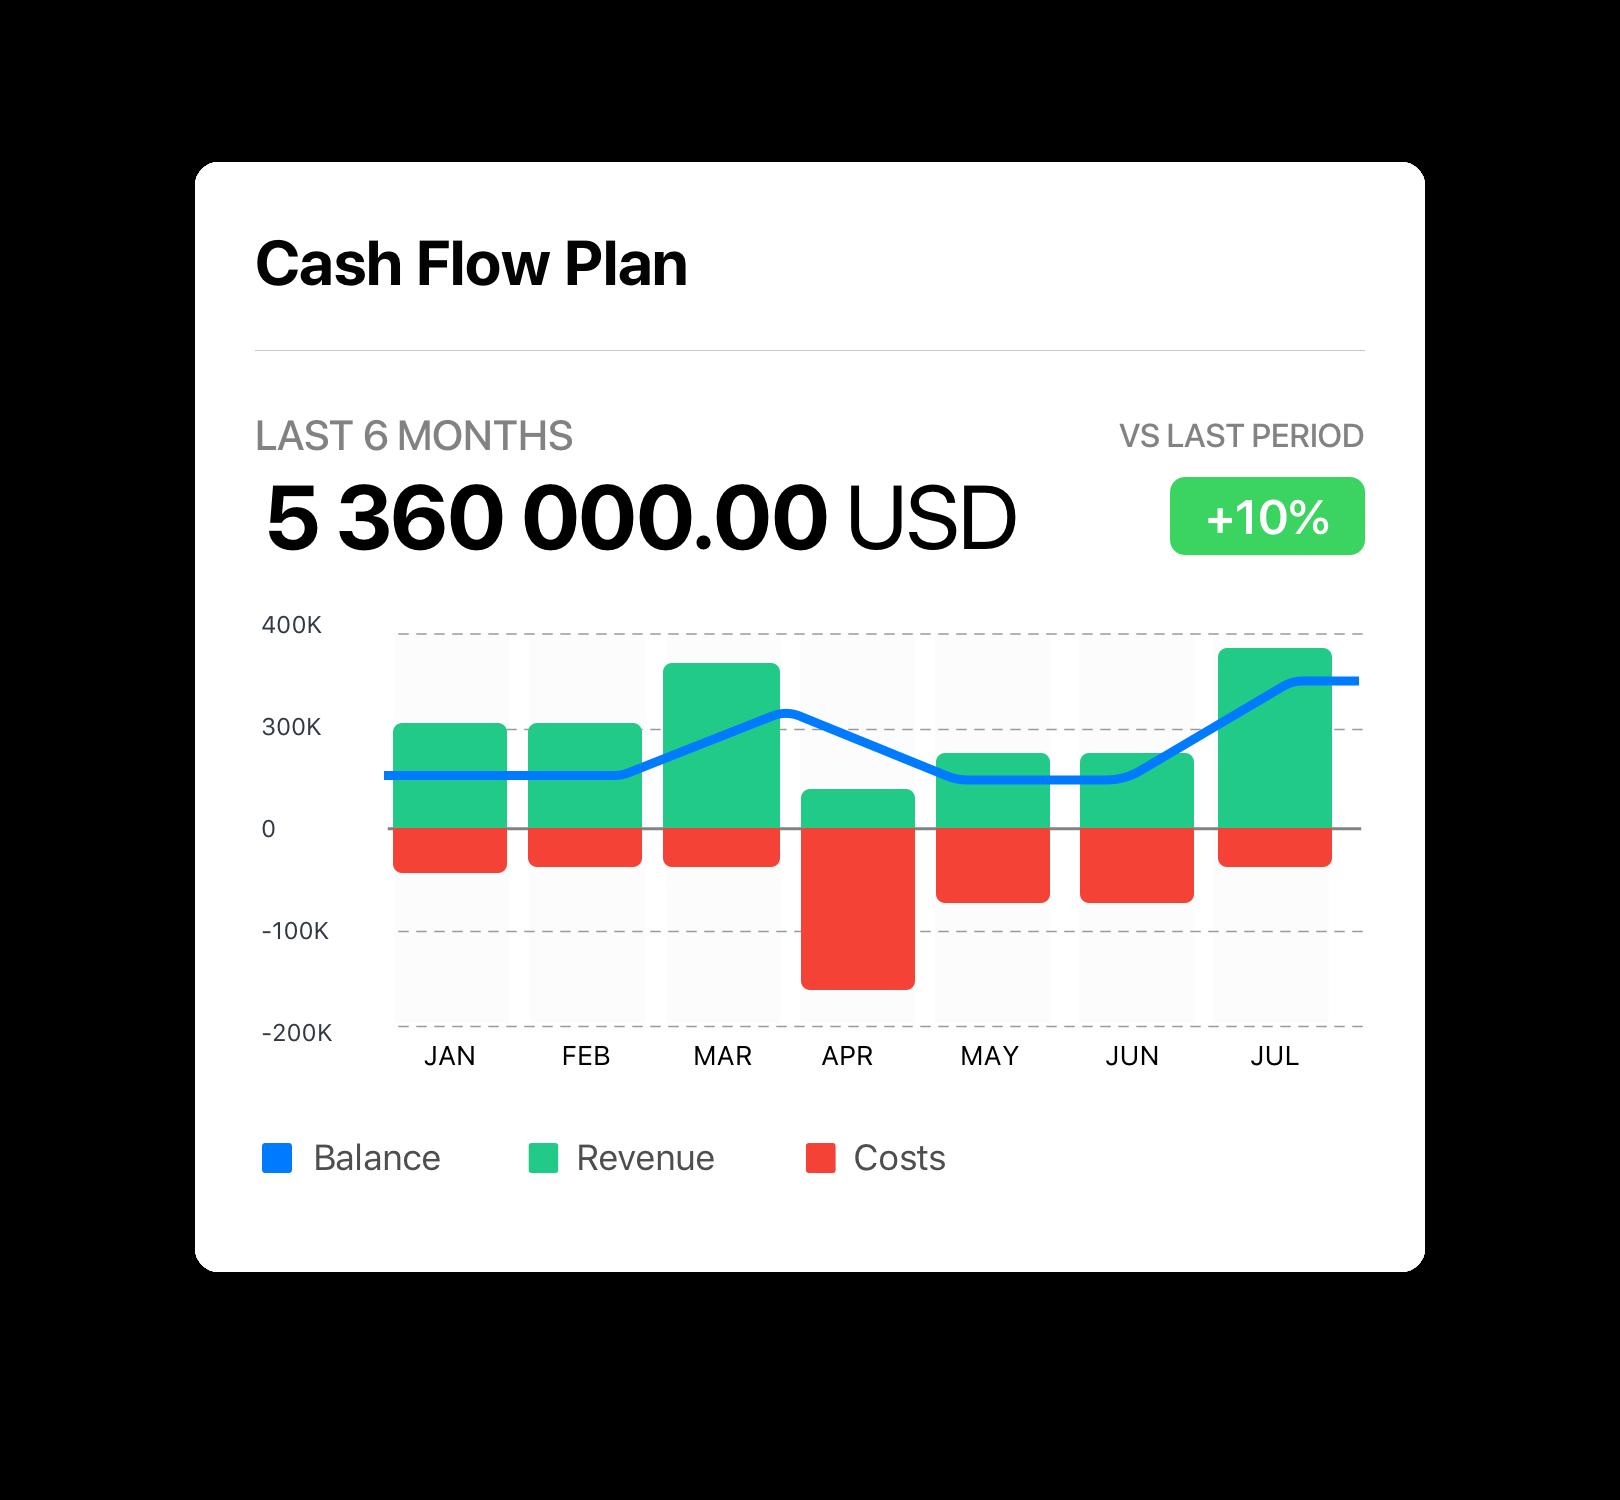 Cash Flow Forecast For Sme